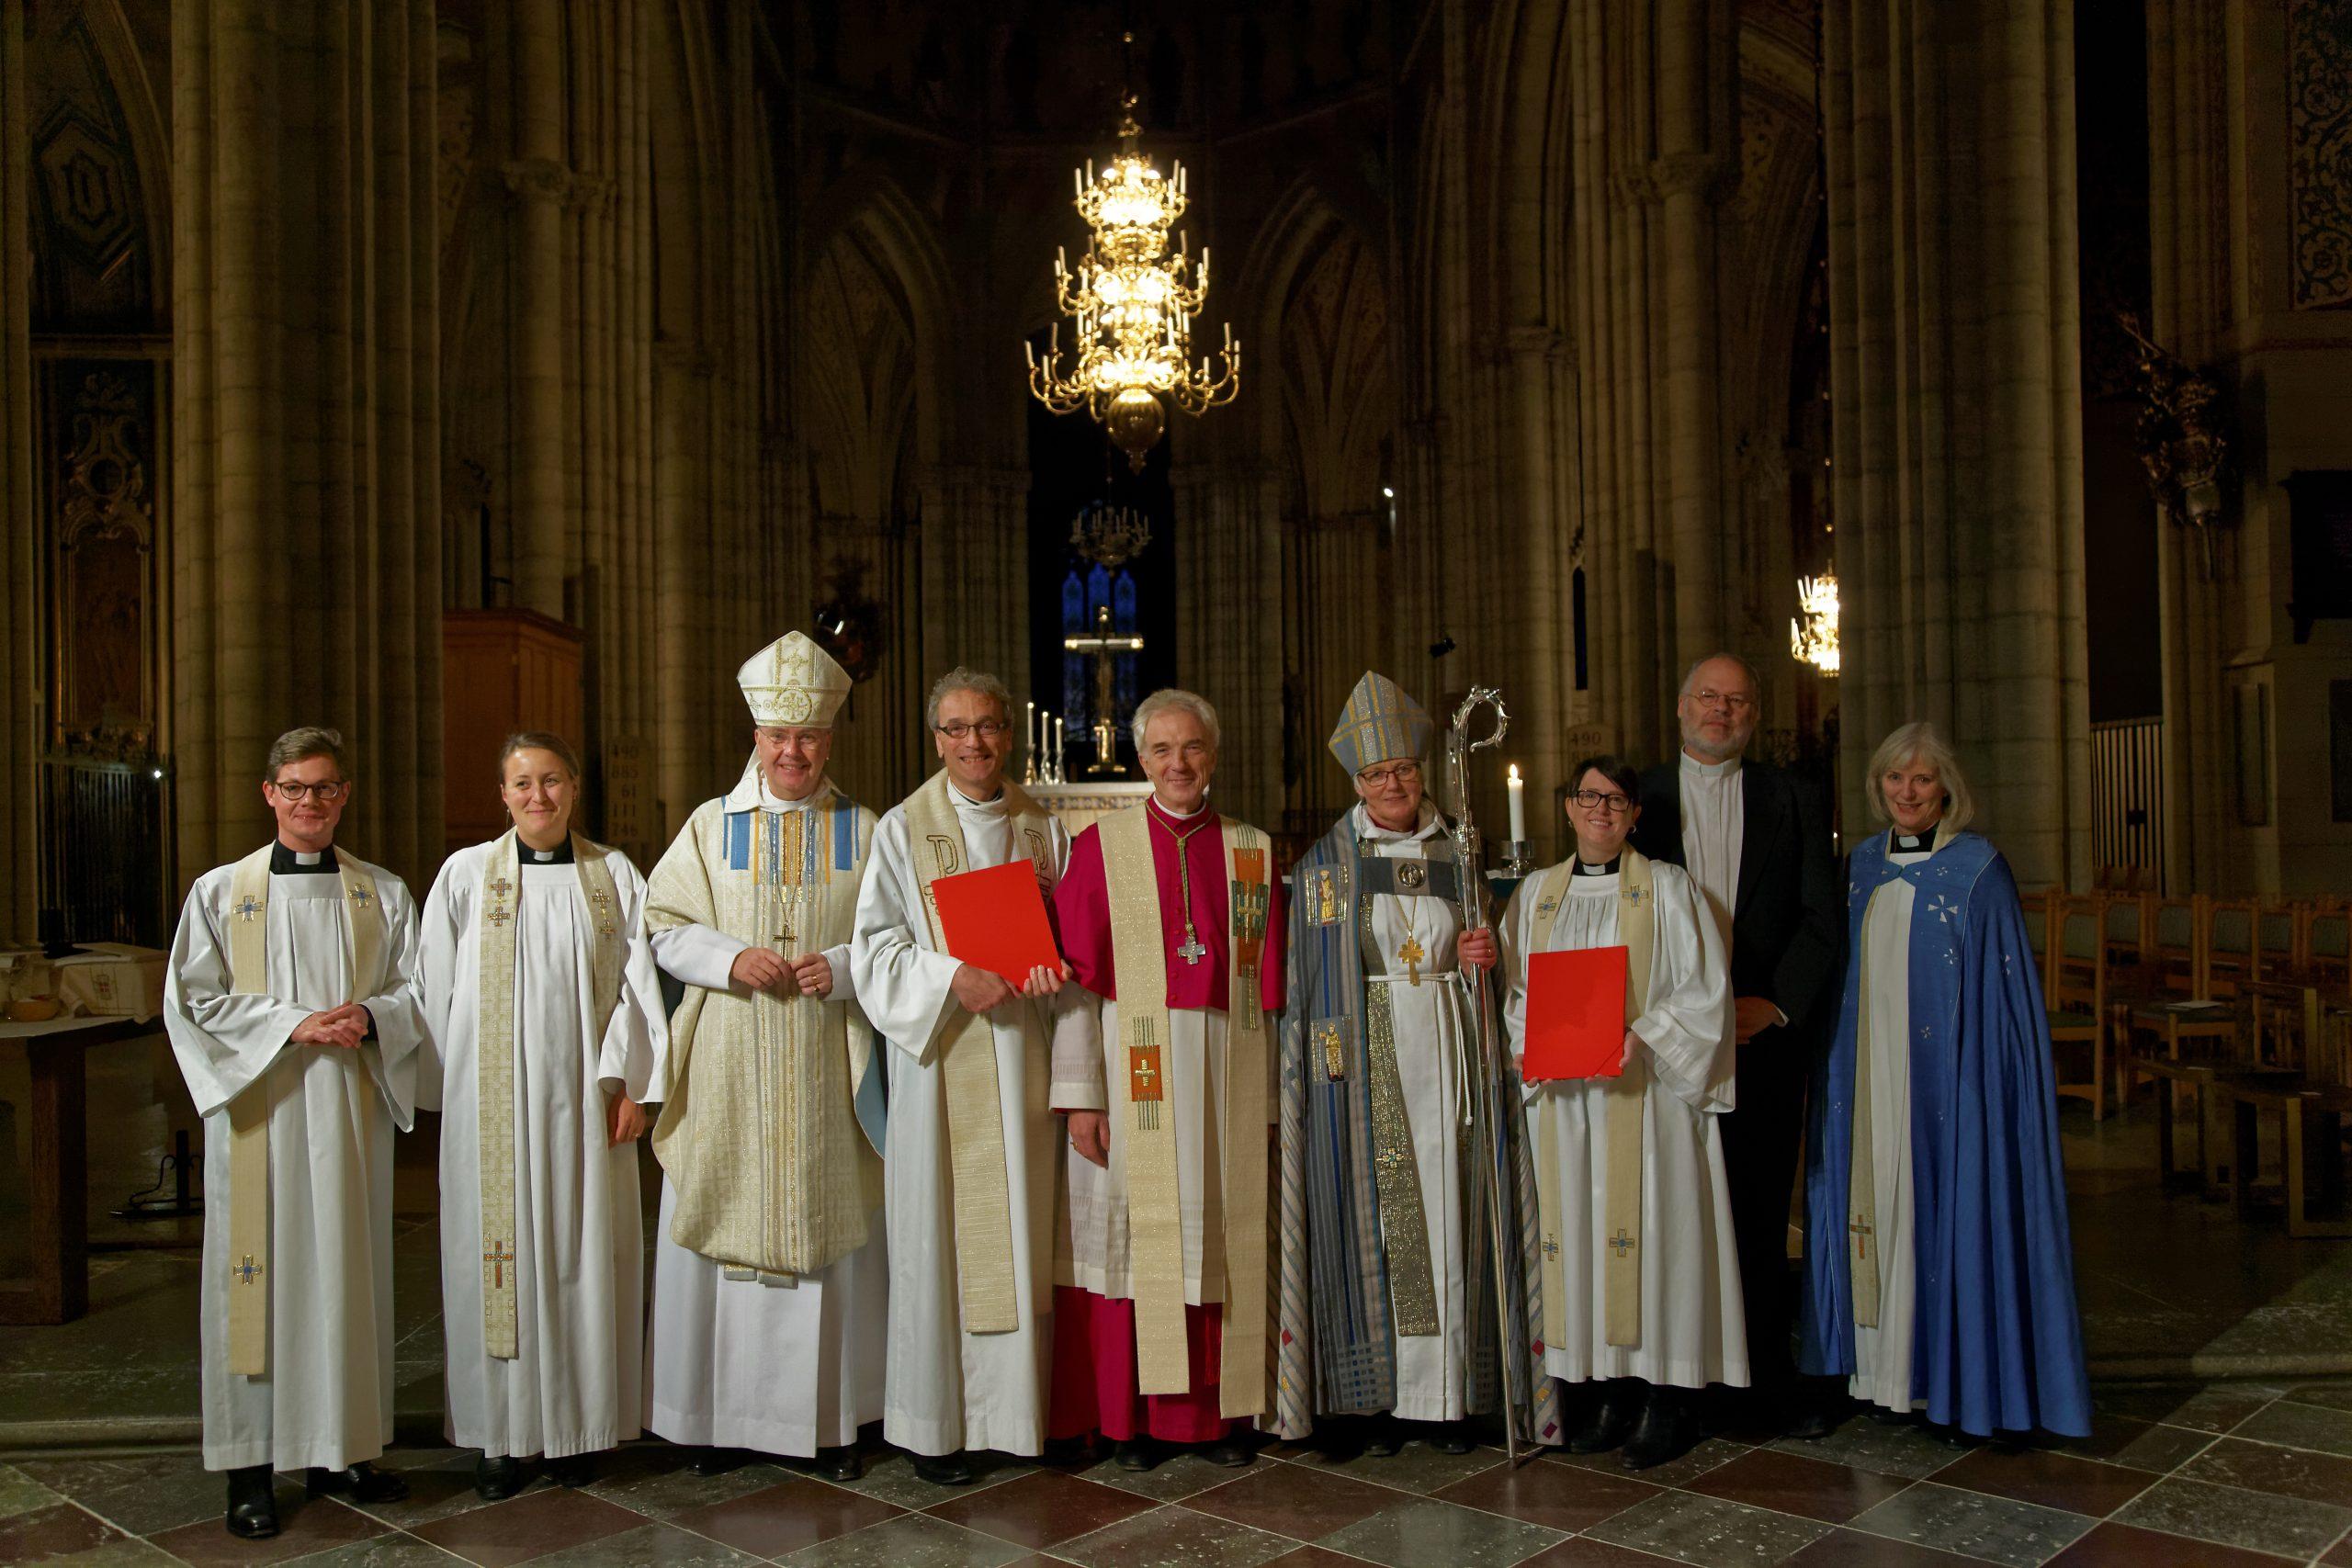 Kirchengemeinschaft